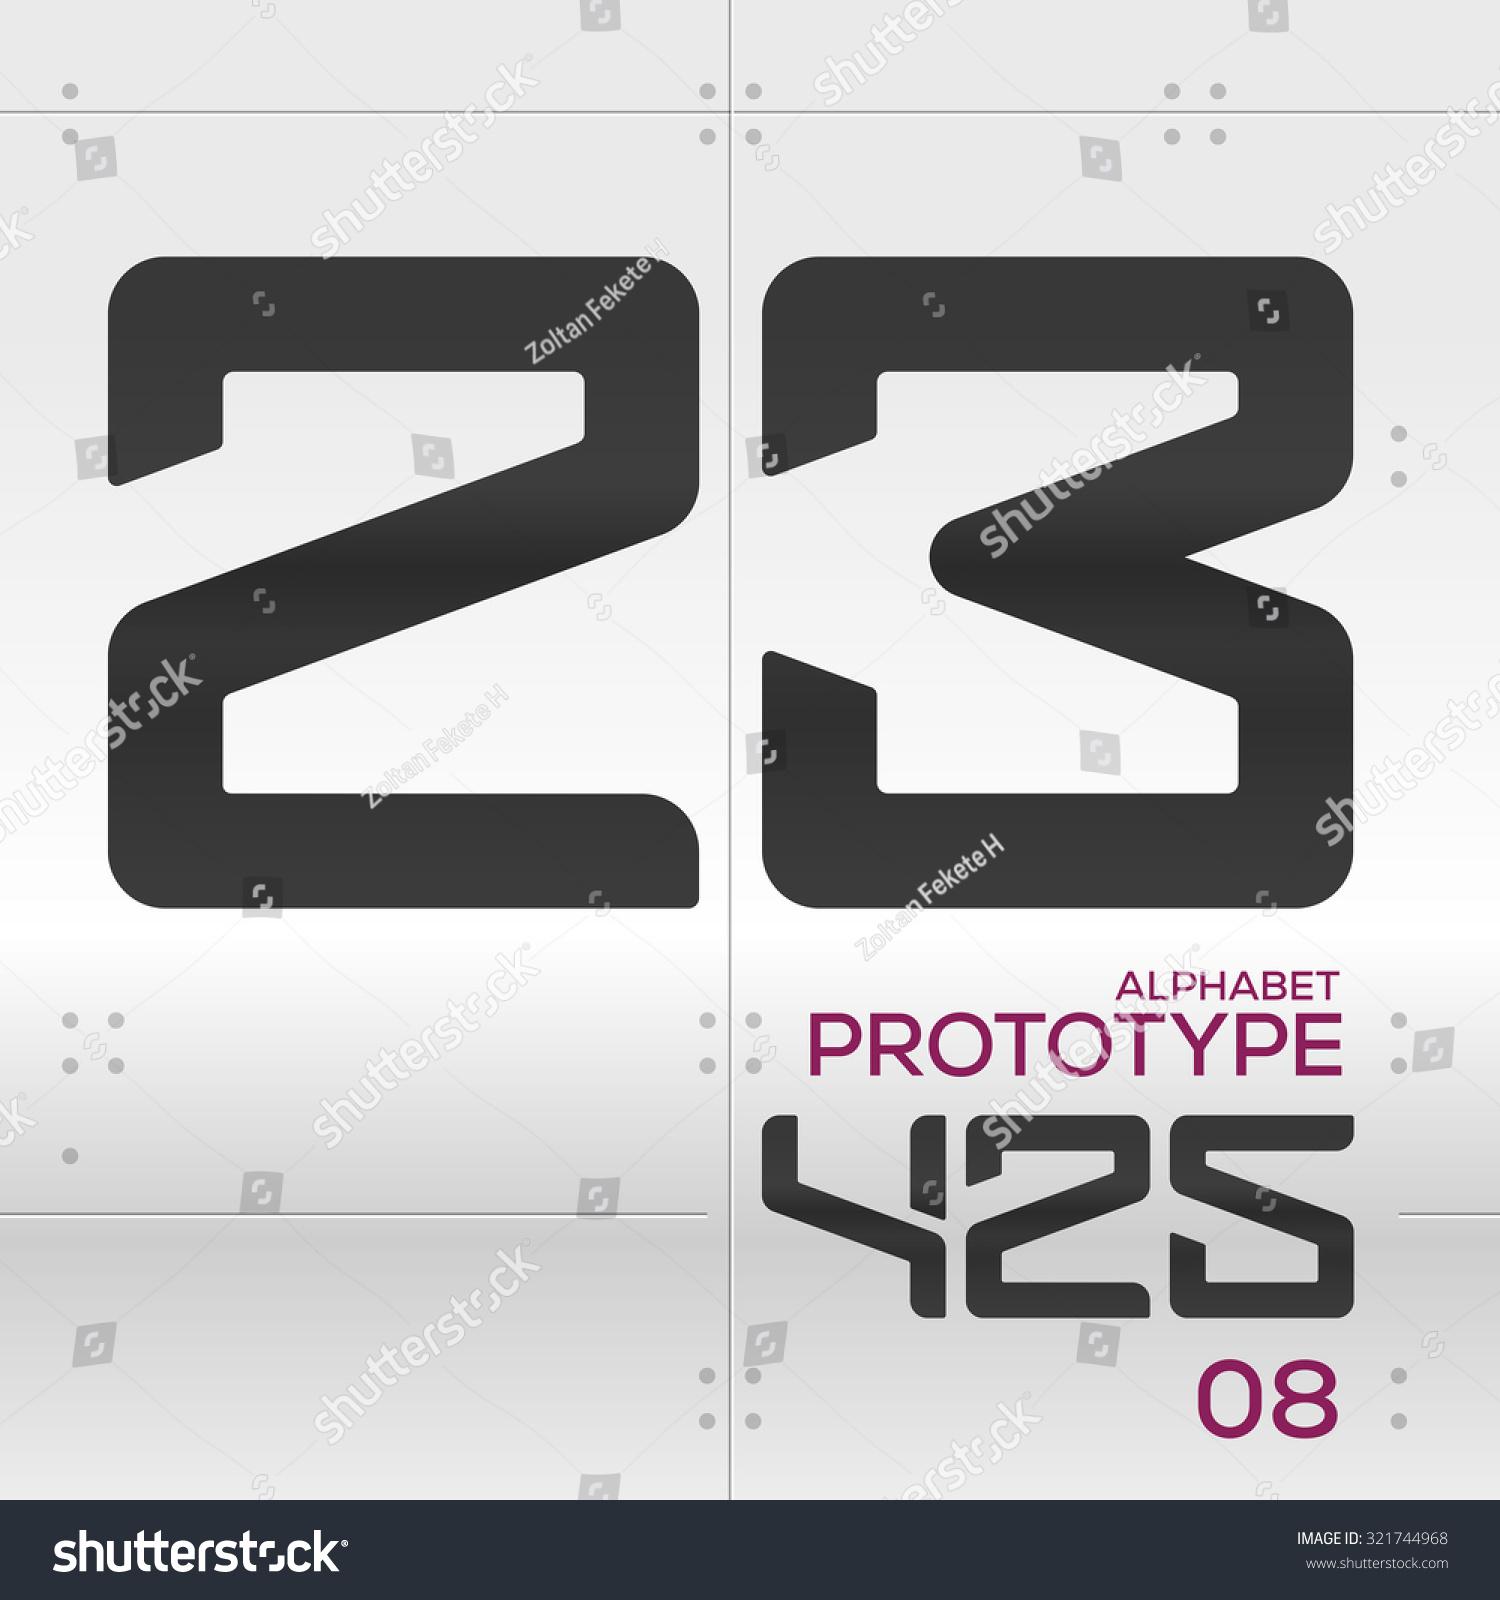 Prototype Vector Graphic Alphabet Set 2 Stock Vector ...  Prototype Vecto...